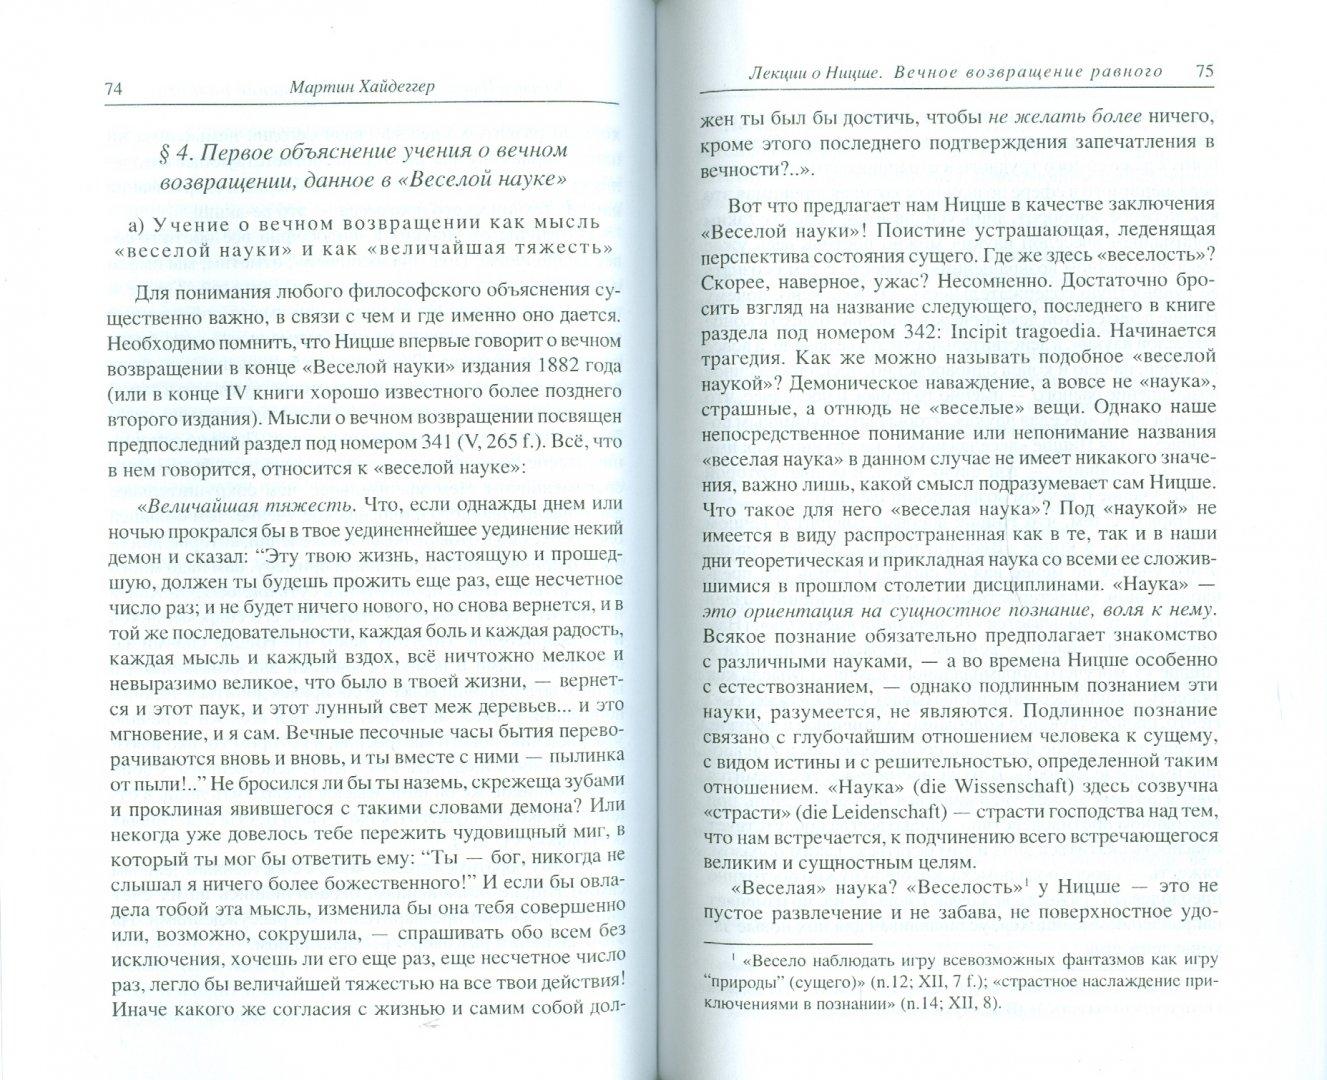 Иллюстрация 1 из 8 для Лекции о метафизике - Мартин Хайдеггер | Лабиринт - книги. Источник: Лабиринт